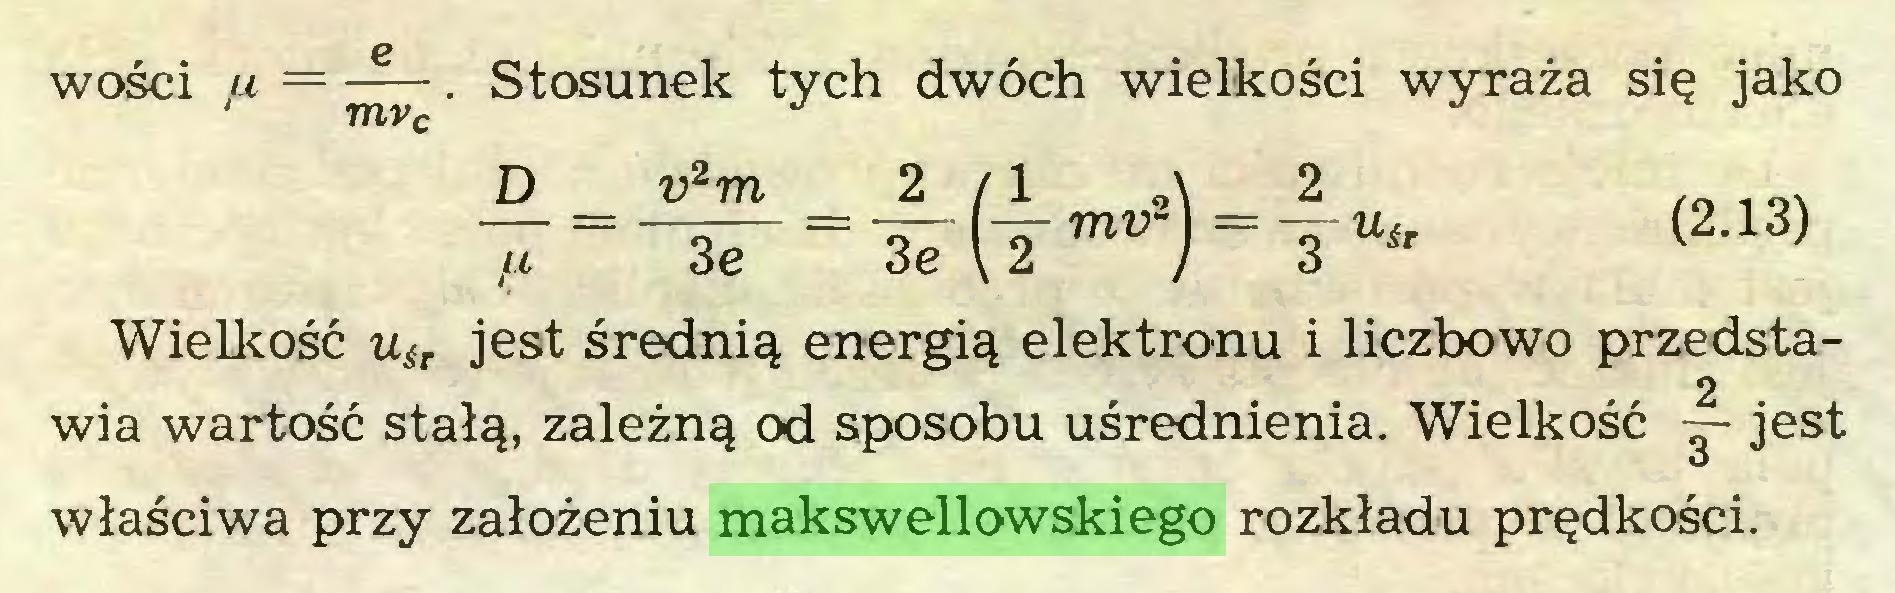 (...) WOSC1 u . Stosunek tych dwóch wielkości wyraża się jako _D trm 3e (i Tu* (2'13) Wielkość jest średnią energią elektronu i liczbowo przedsta2 wia wartość stałą, zależną od sposobu uśrednienia. Wielkość — jest właściwa przy założeniu makswellowskiego rozkładu prędkości...